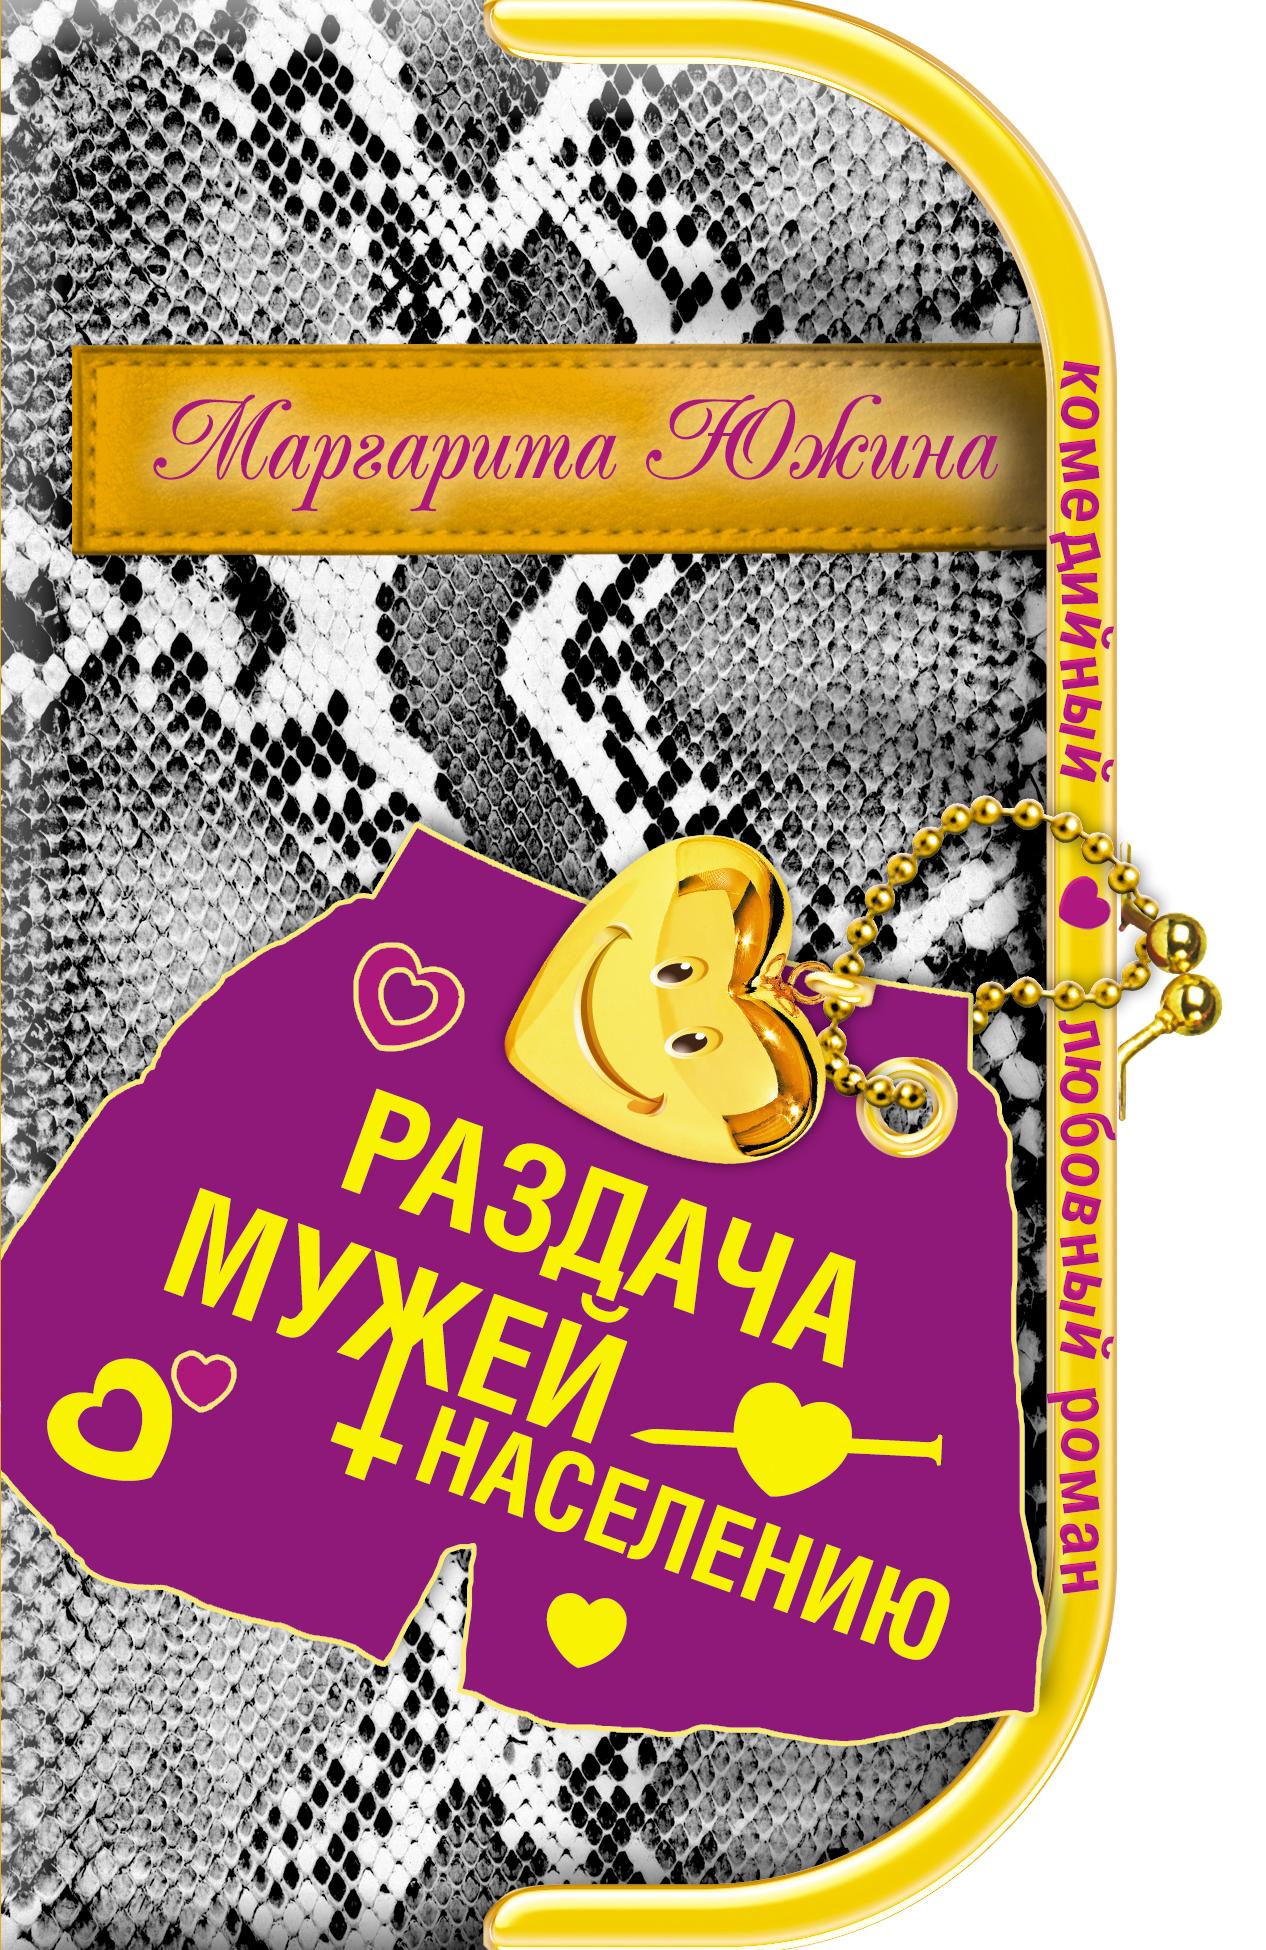 Маргарита Южина Раздача мужей населению сергей сергеевич арутюнов зачем идти в загс если браки заключаются на небесах или гражданский брак за и против трактат